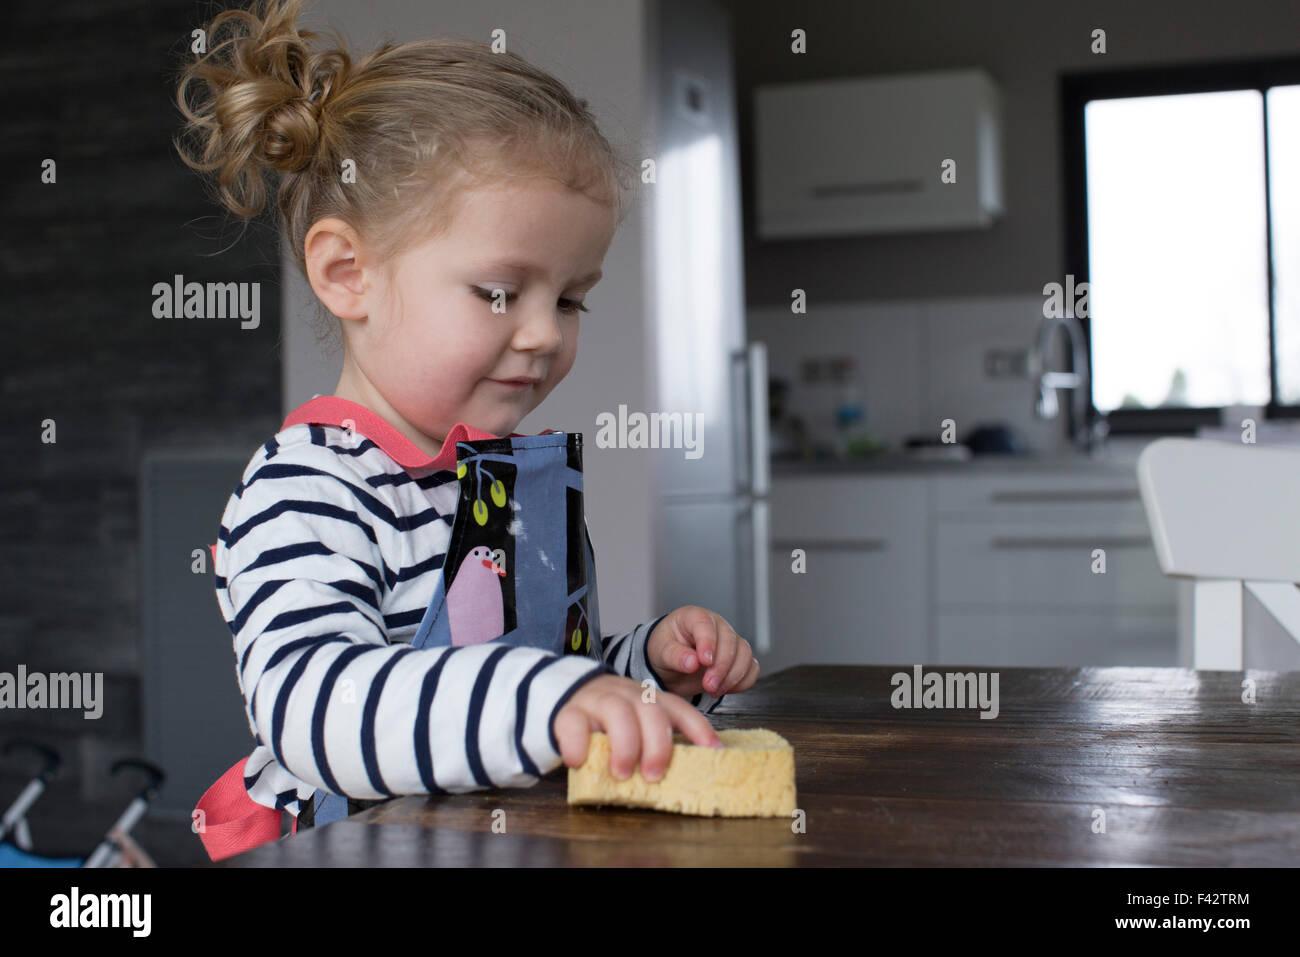 Bambina tabella di strofinamento con spugna Immagini Stock